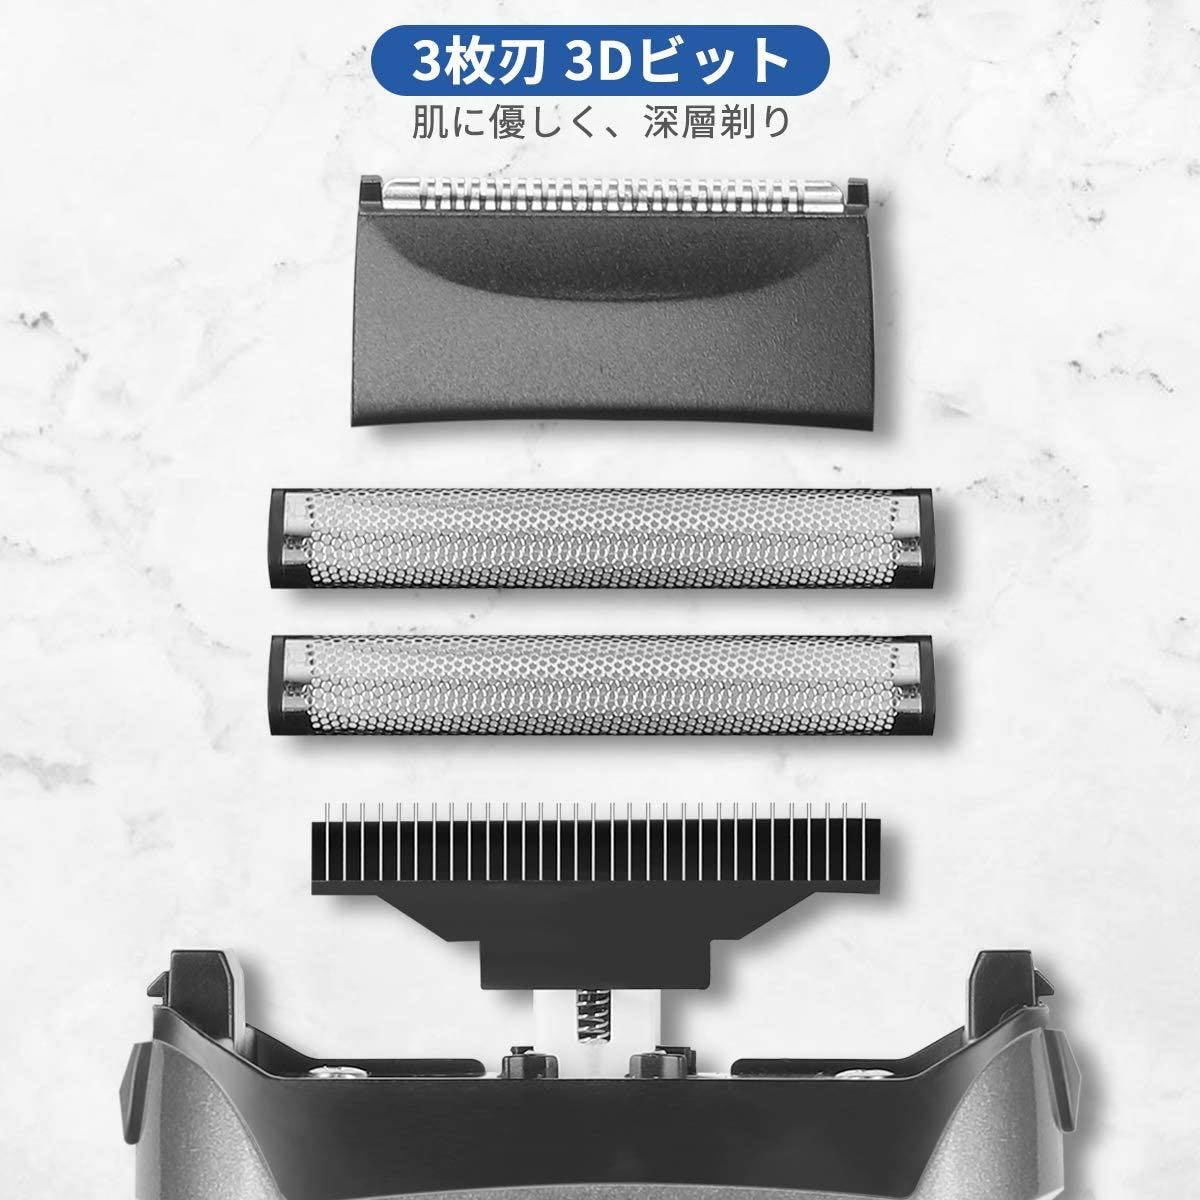 電気シェーバー 髭剃り電動充電式 水洗い可能 お風呂剃り対応 (シルバーグレー)